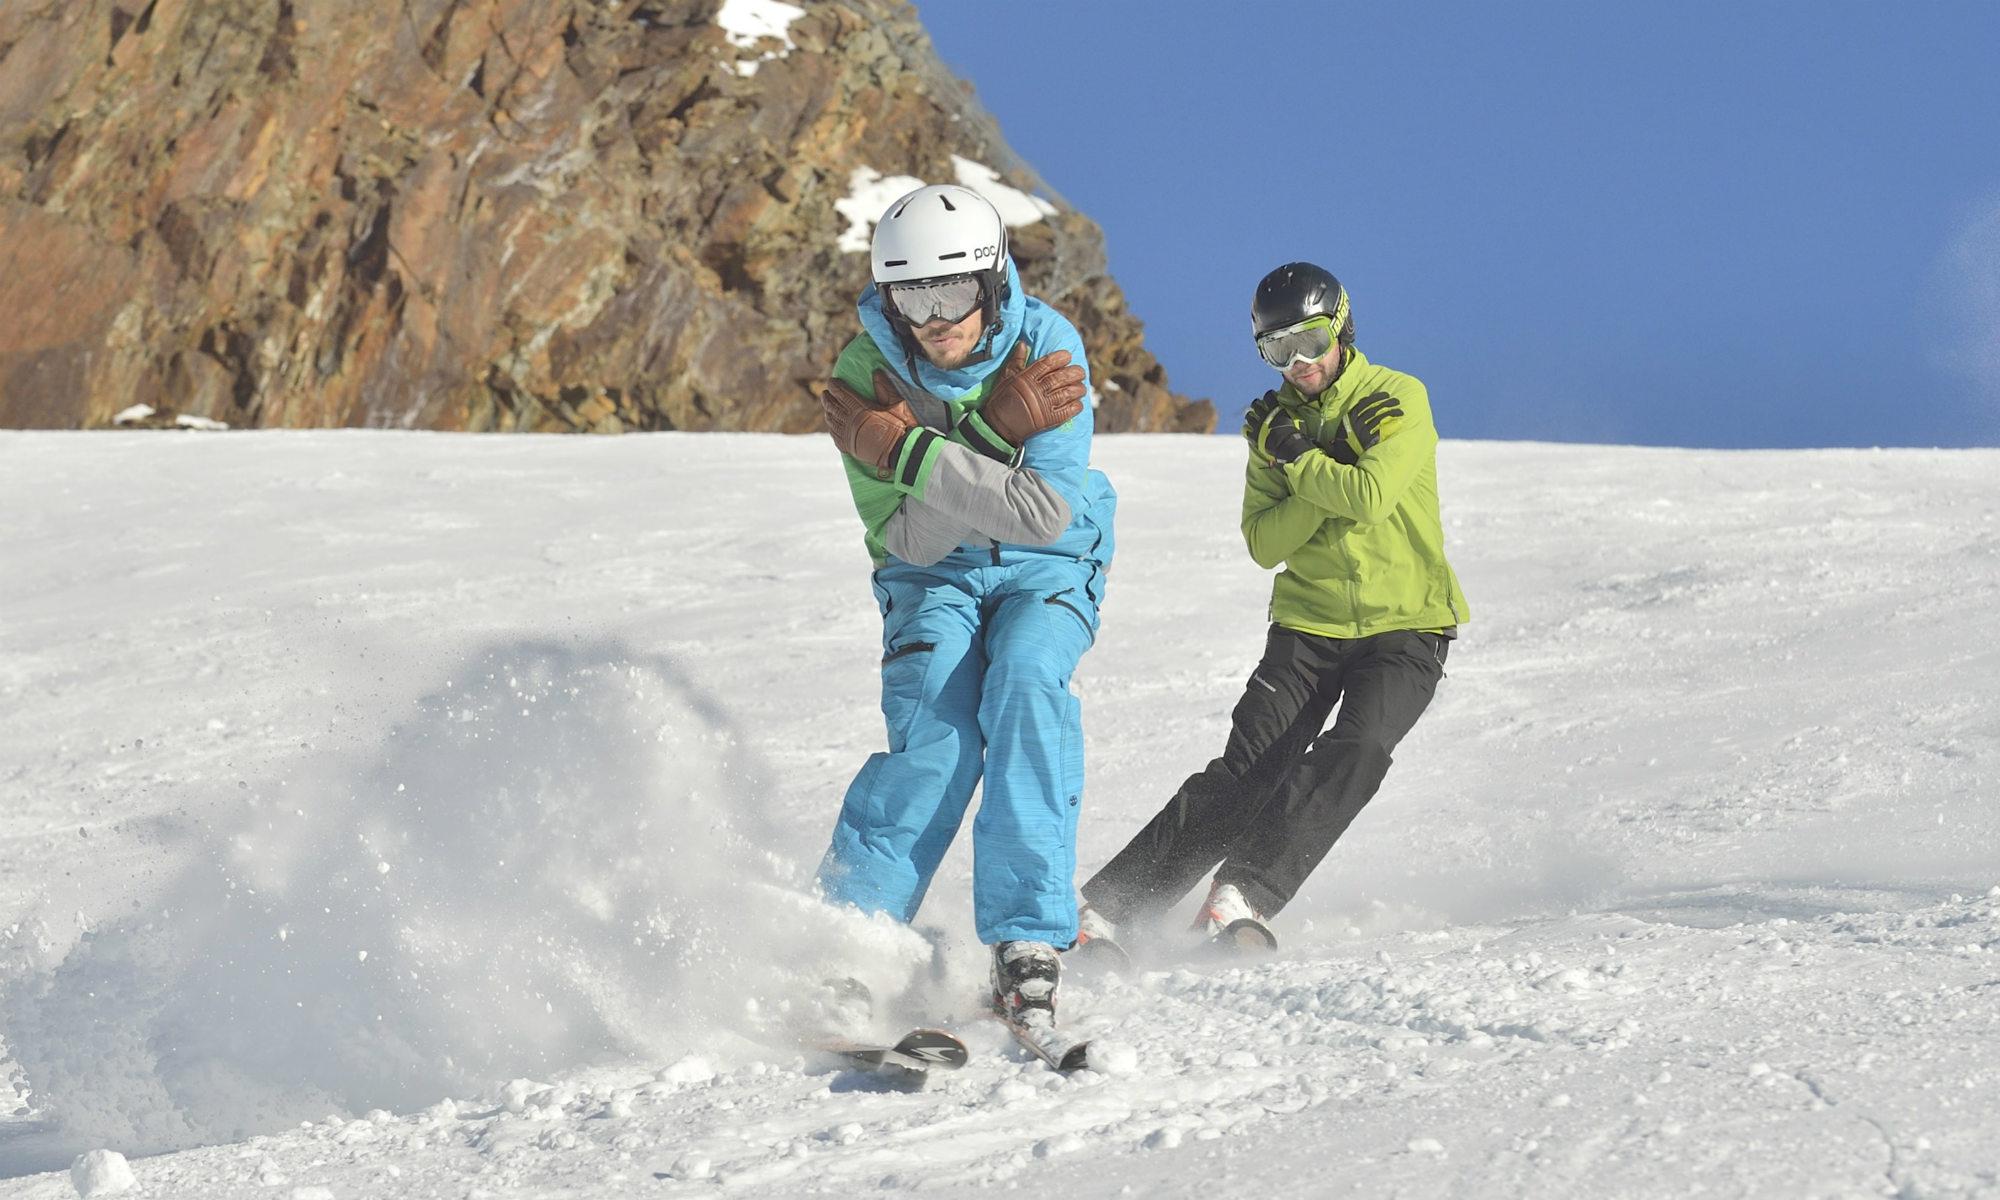 Deux personnes sur une piste de ski ensoleillée font des exercices techniques.